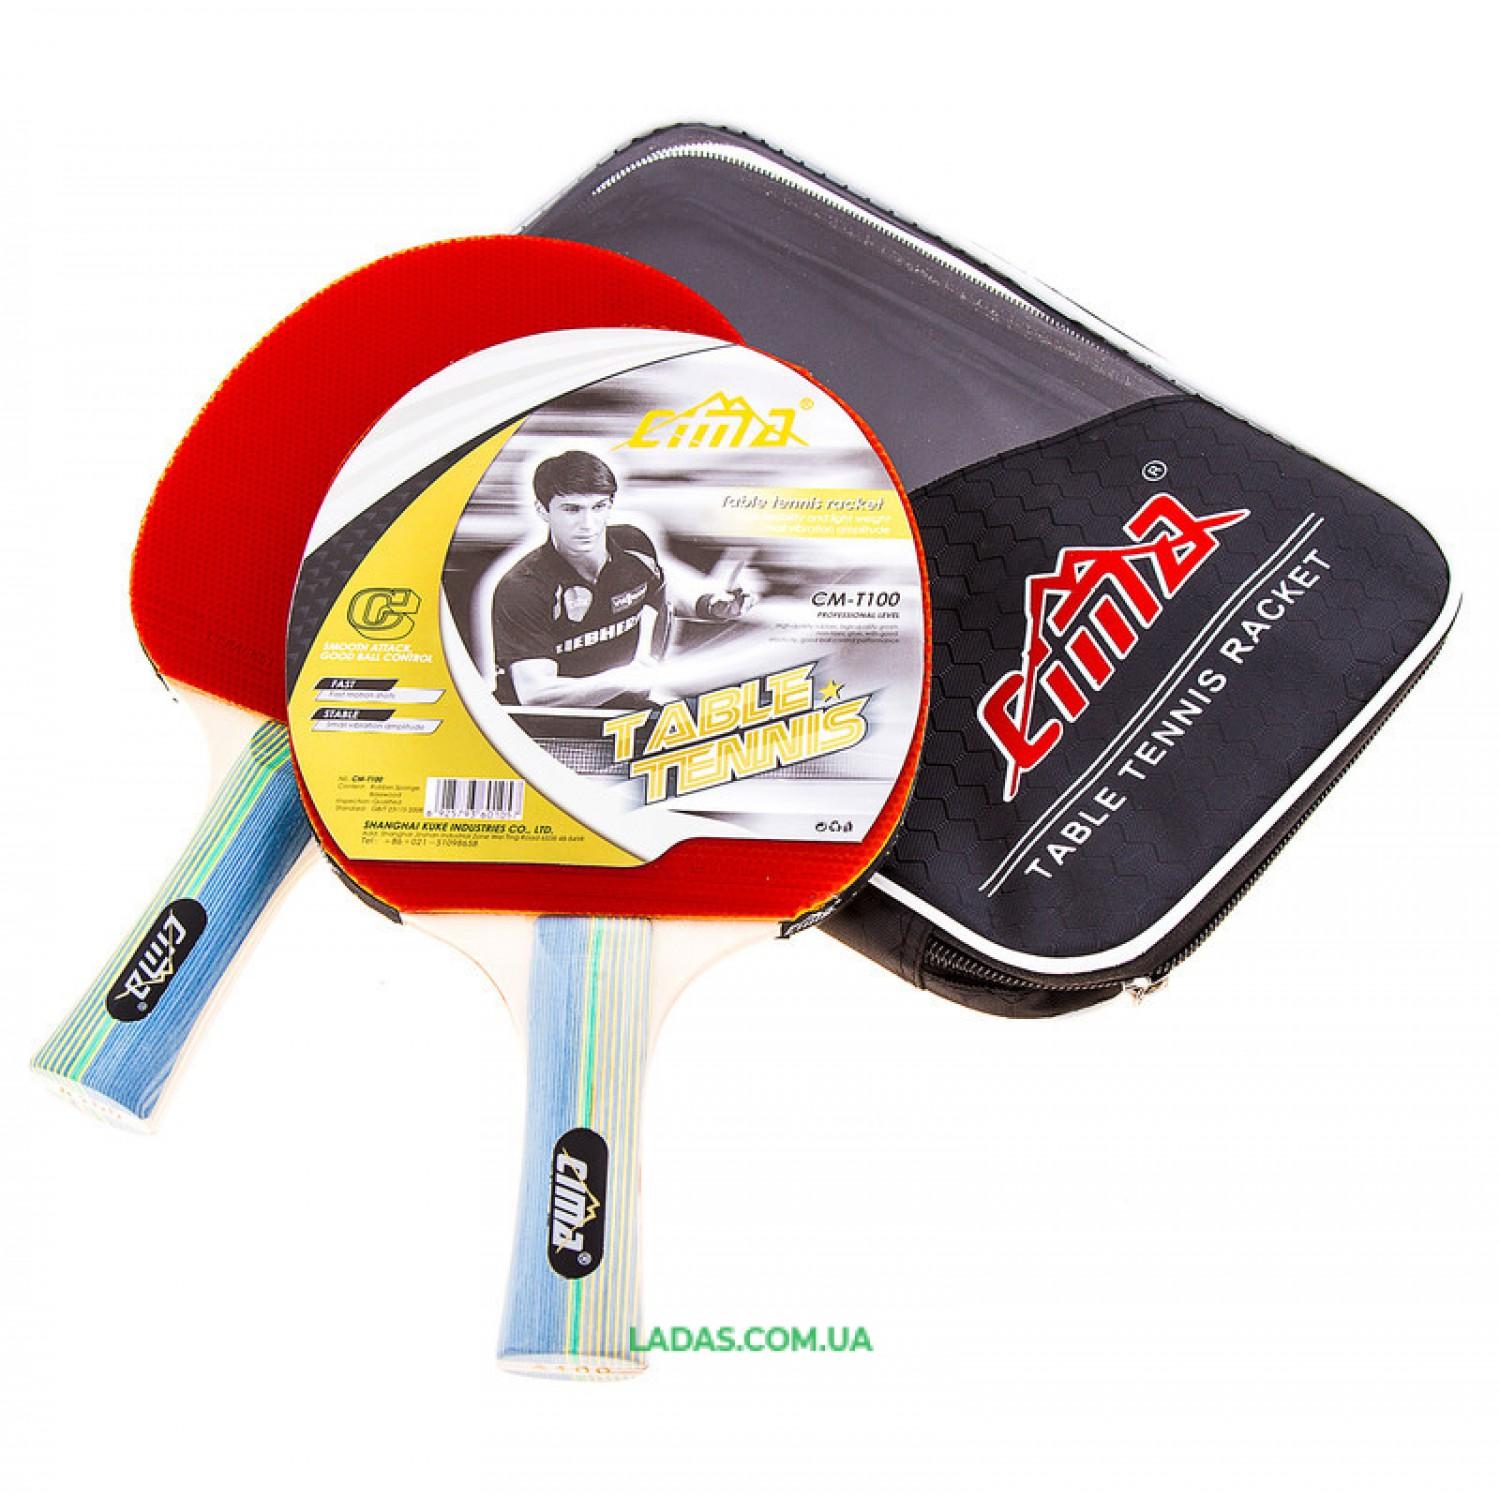 Ракетка для настольного тенниса Cima, 2 шт, 3 шарика